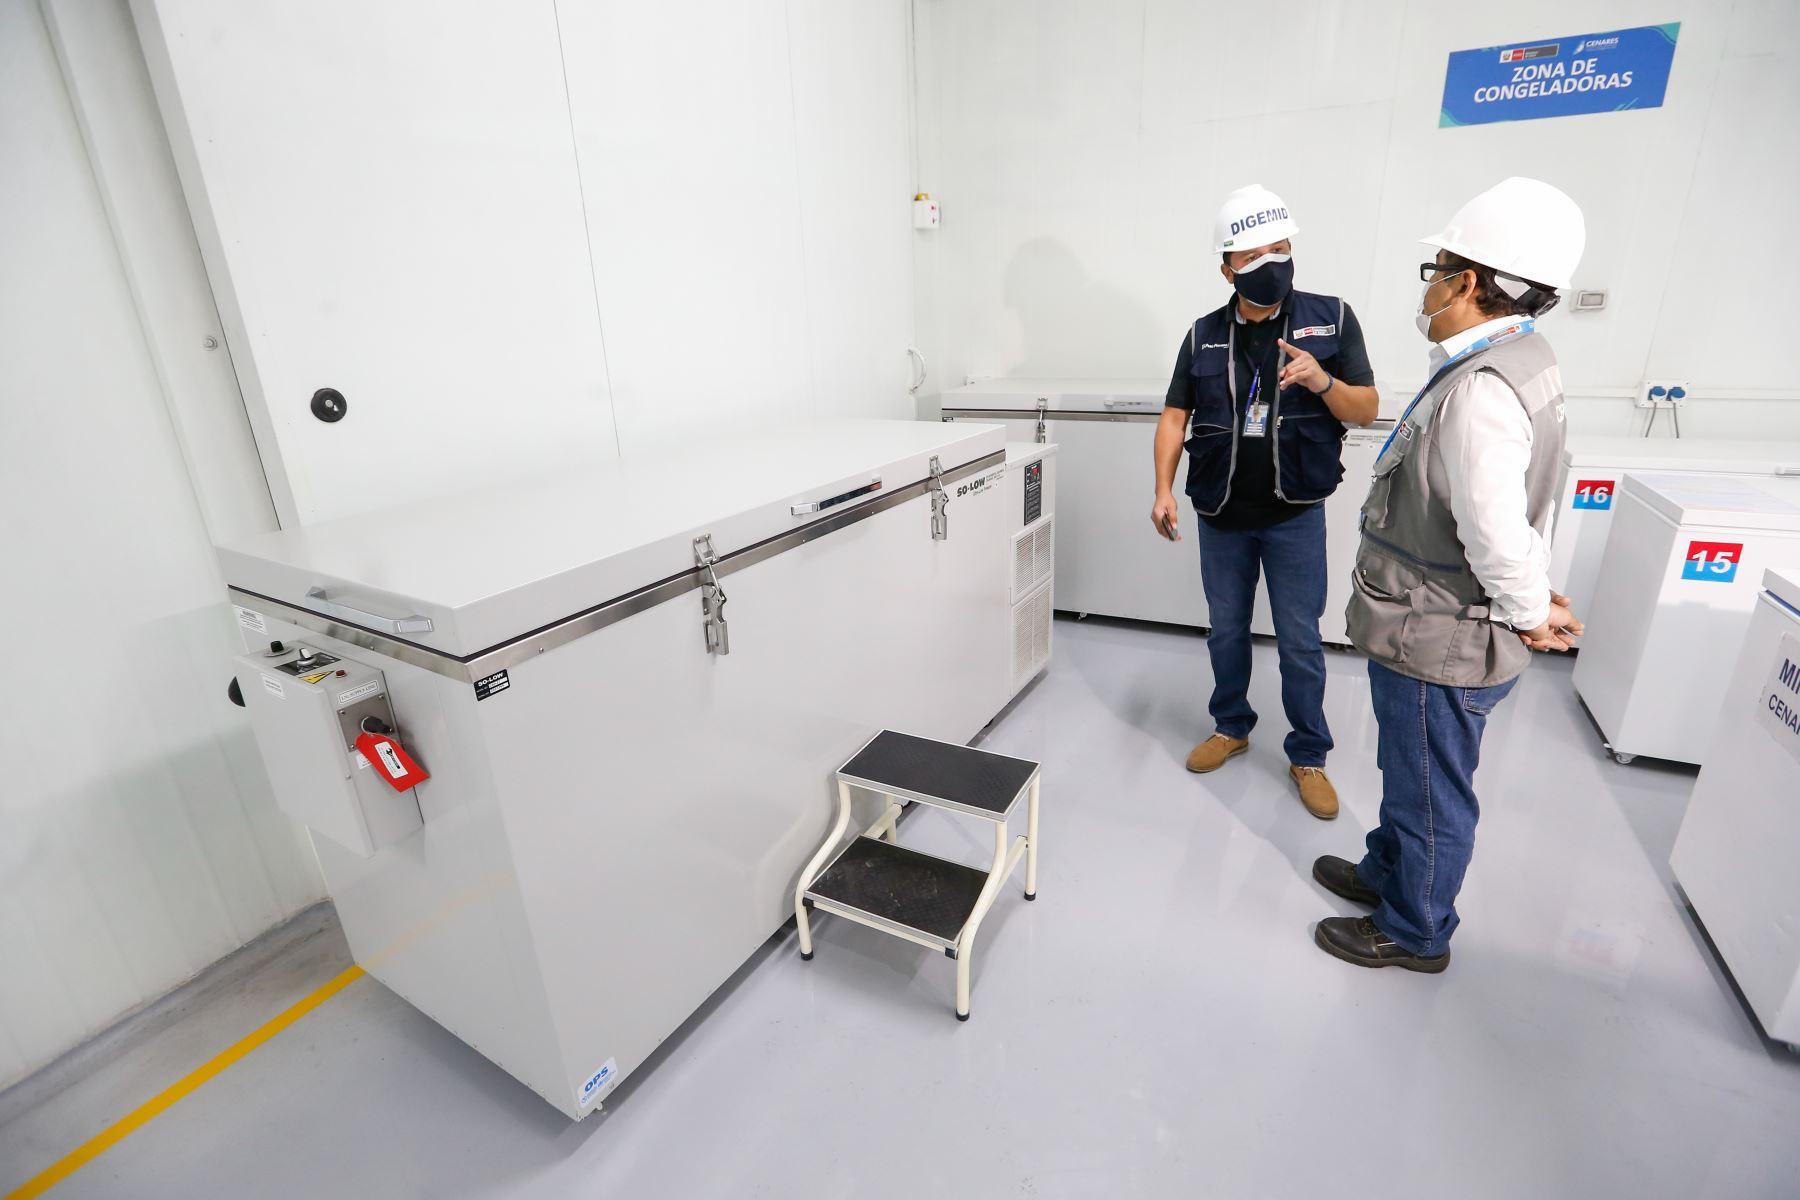 Zona de ultracongeladoras , donde se conservan las  vacunas del laboratorio Pfizer, tienen una capacidad de almacenamiento de hasta 140,000 dosis cada una, temperatura :- 40 a- 80 grados C. Foto: PCM